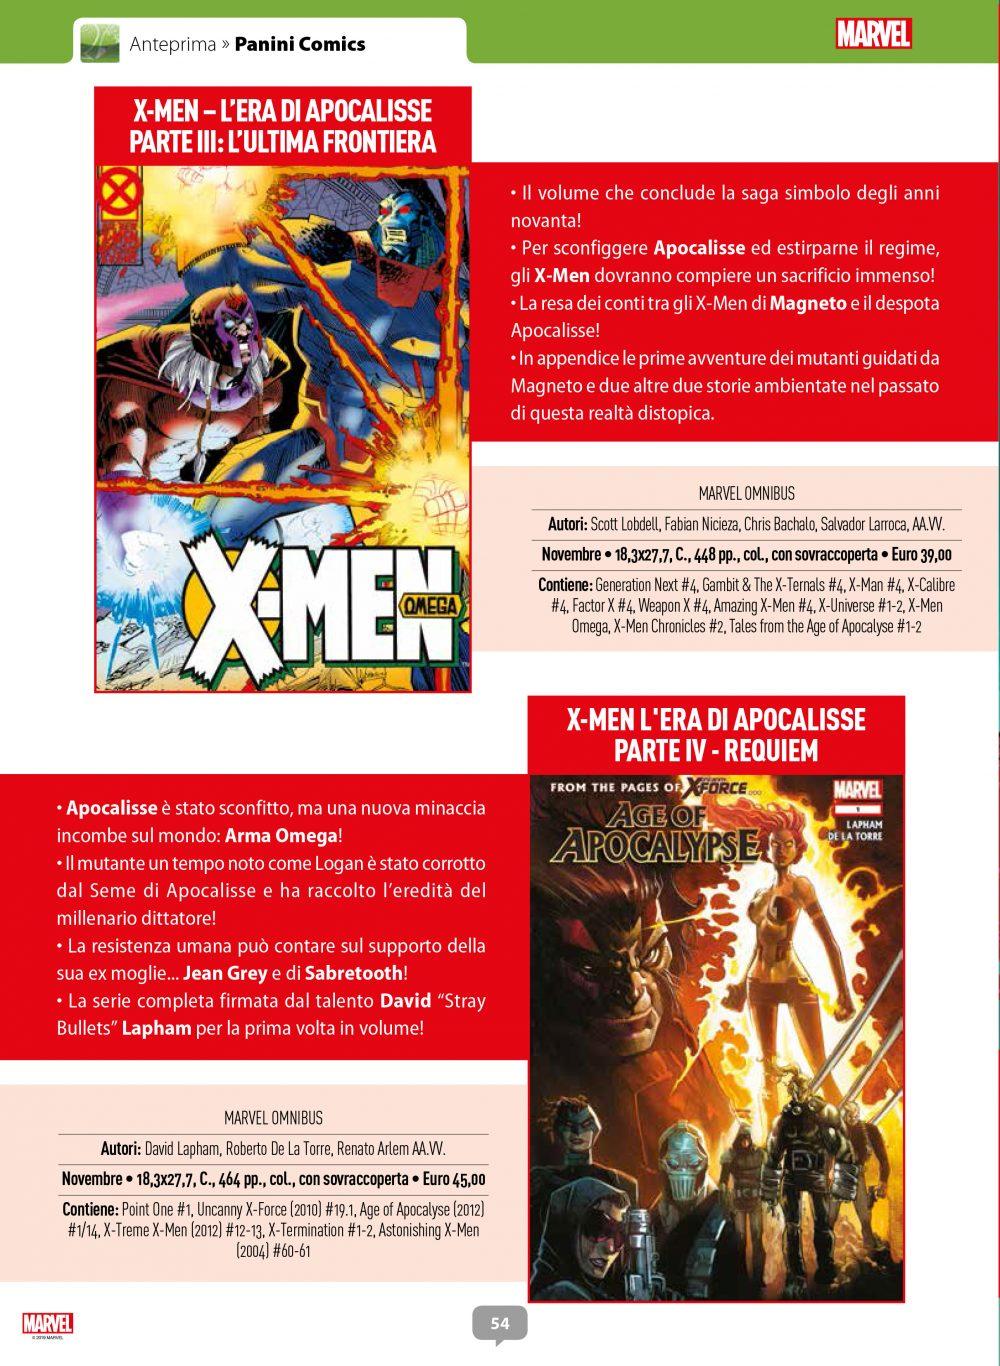 Cofanetto X-Men: L'Era di Apocalisse su Anteprima